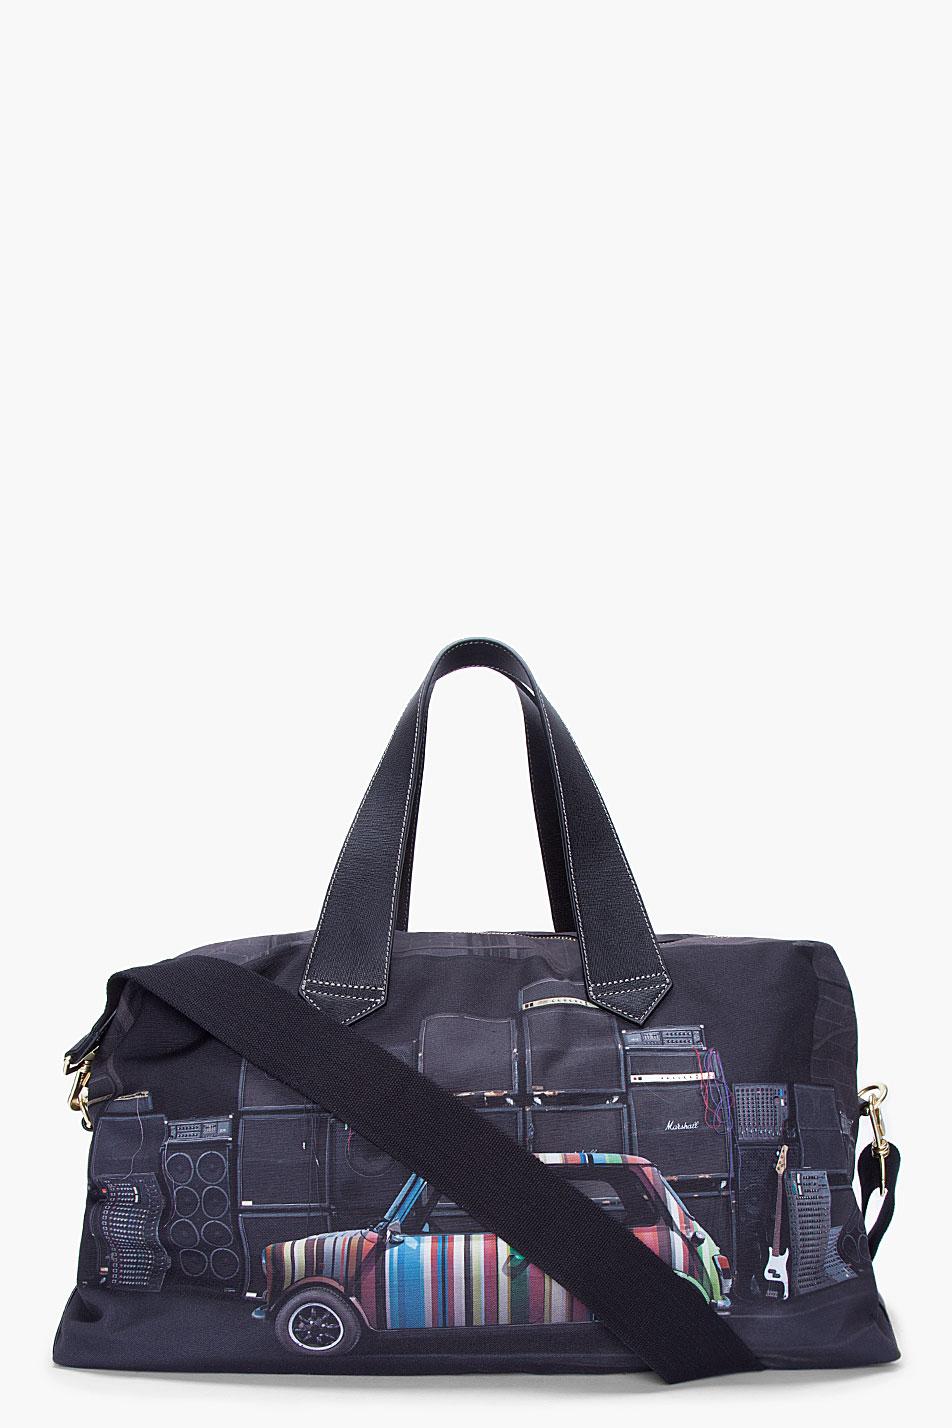 7c35aef209 Mini Cooper Travel Bags